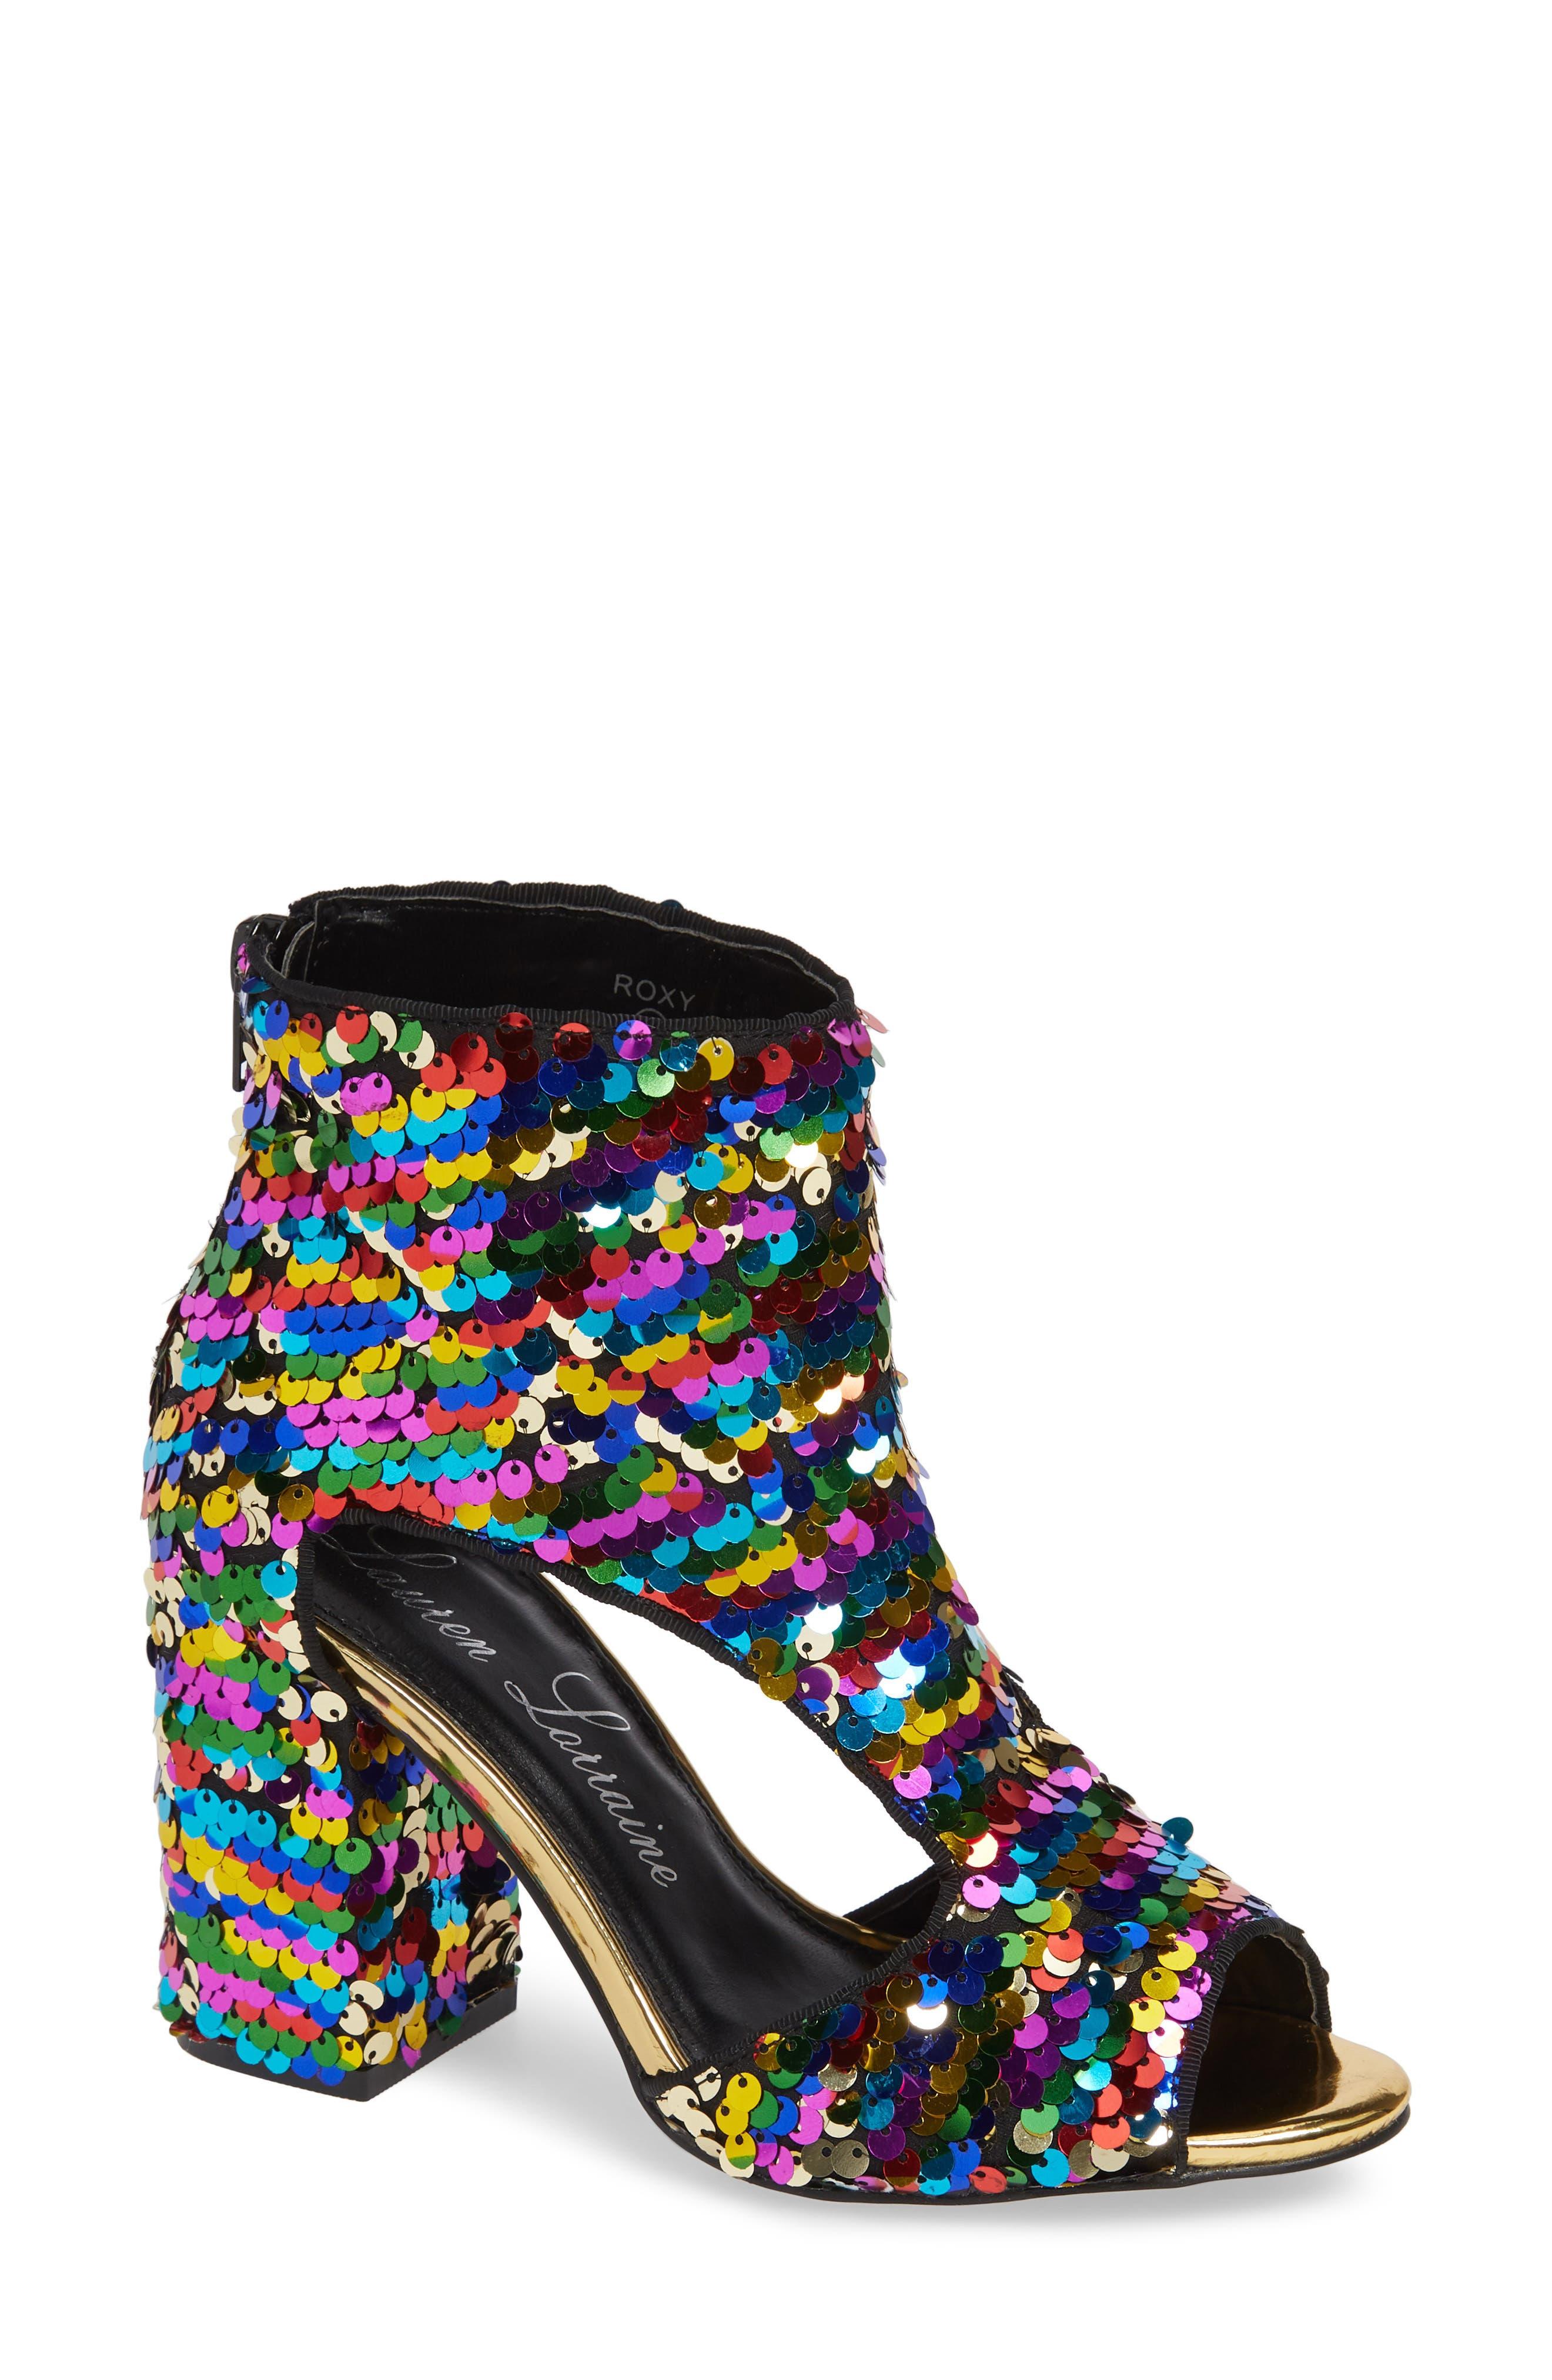 LAUREN LORRAINE, Roxy Sequin Sandal, Main thumbnail 1, color, 710